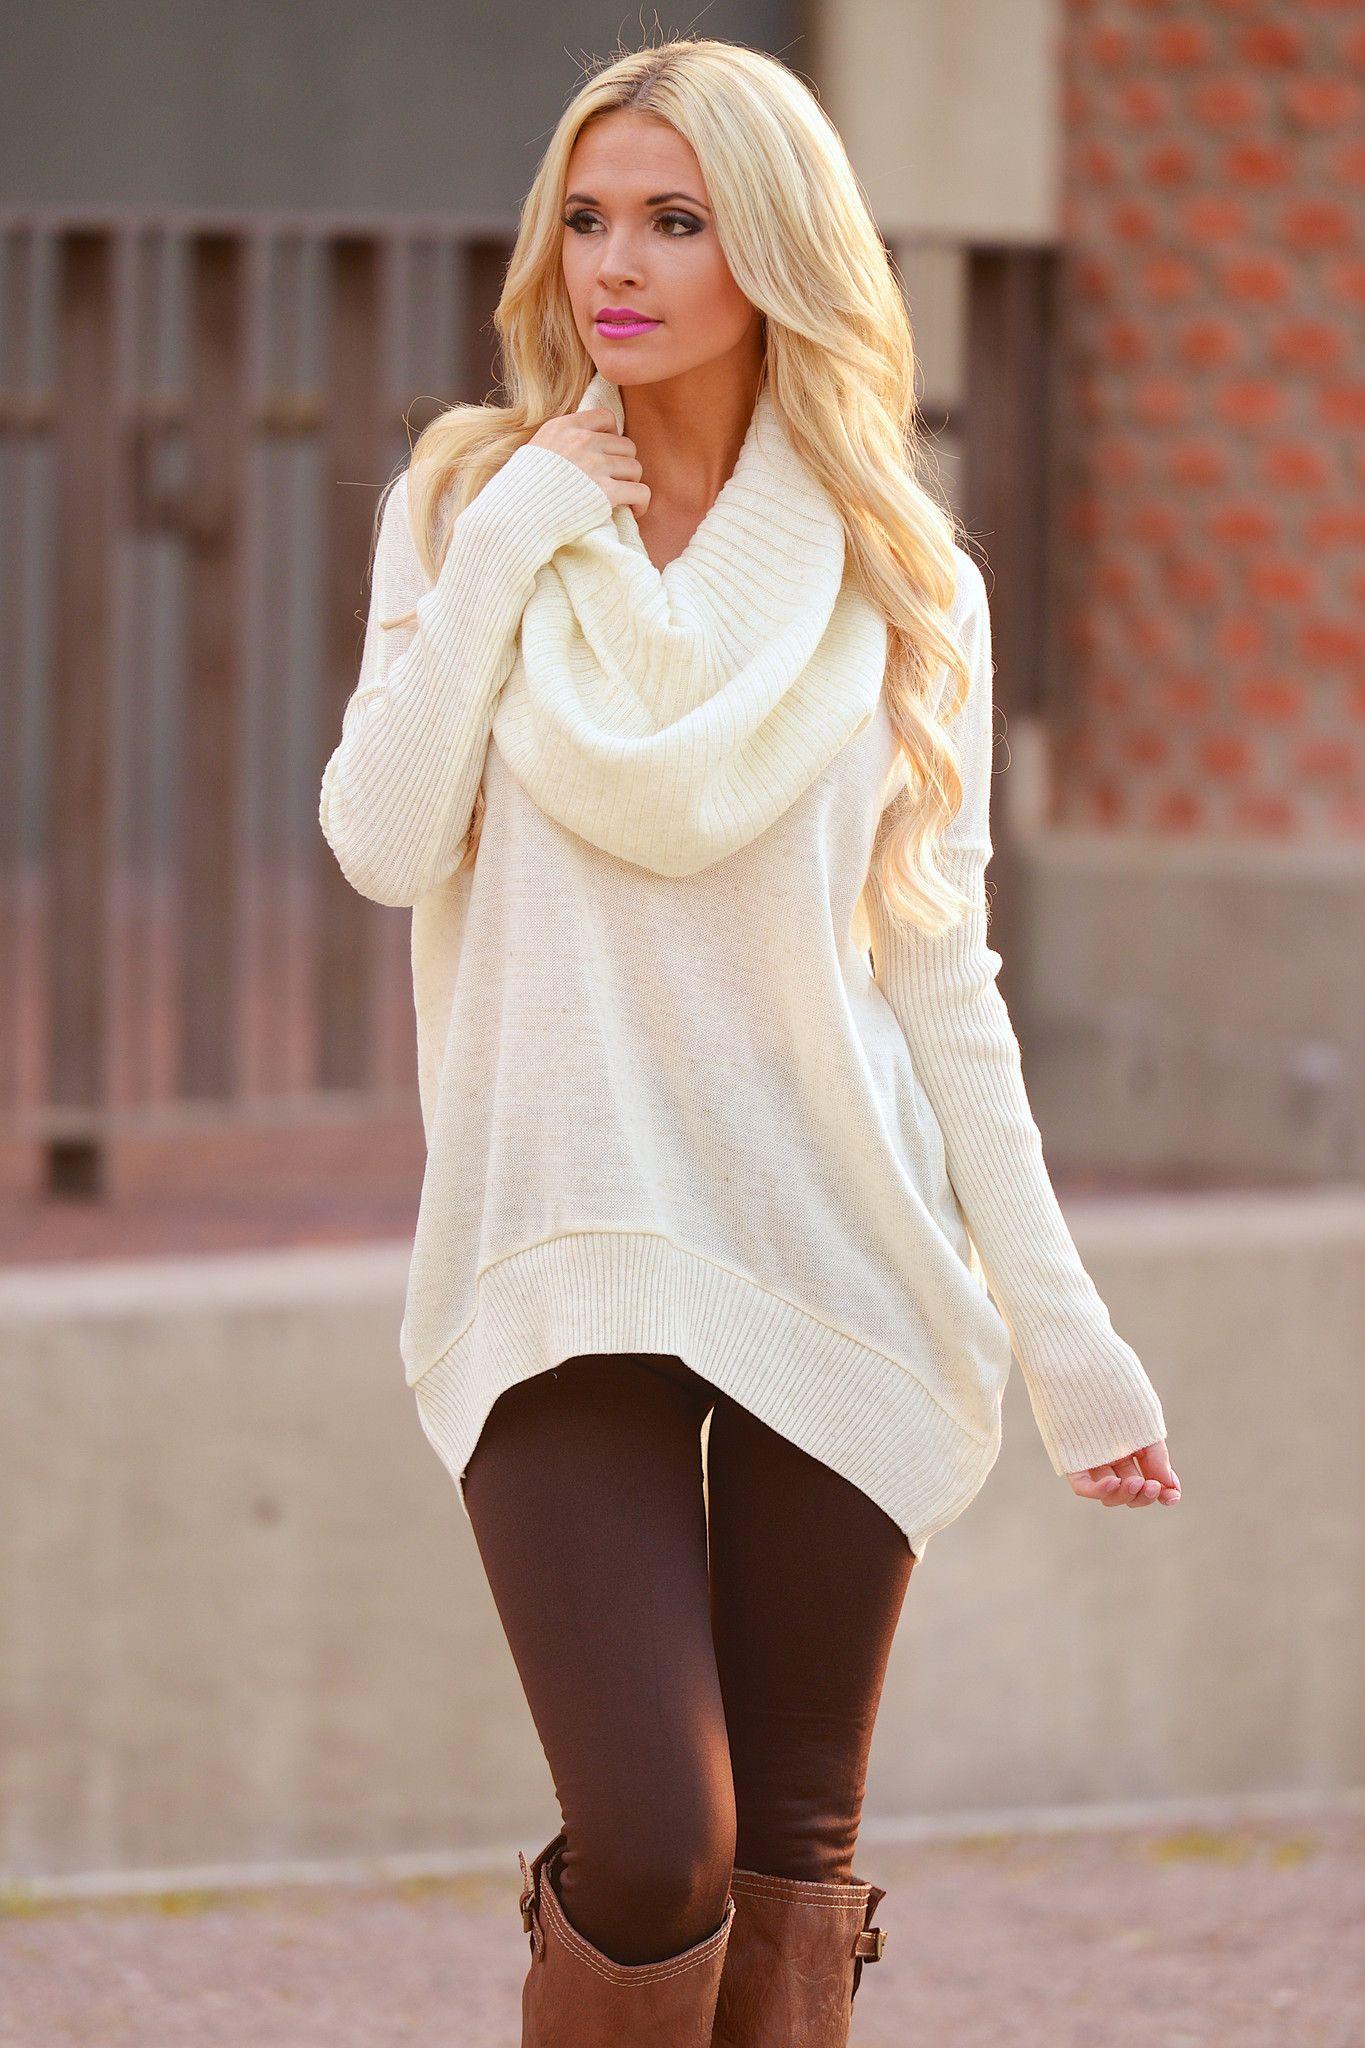 С чем носить платье-свитер этой зимой и не выглядеть пошло